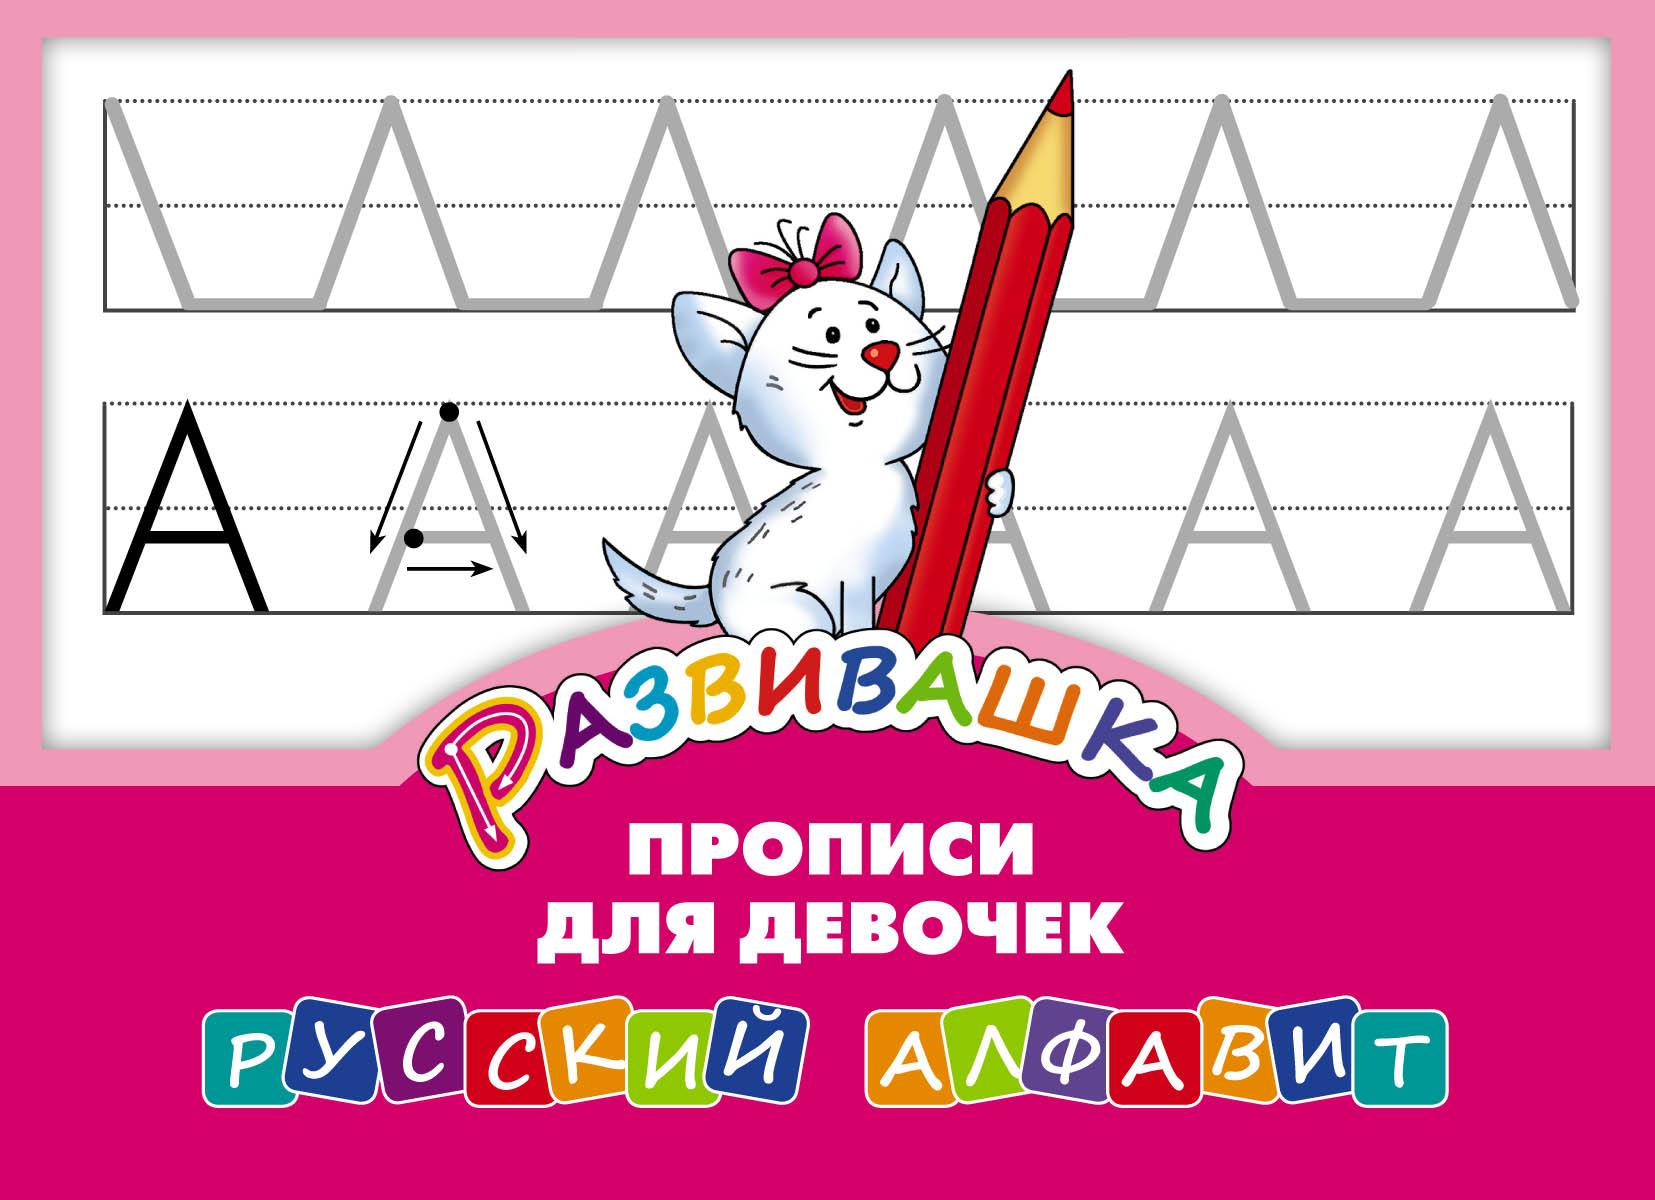 Развивашка. Прописи для девочек. Русский алфавит12296407Эта книжка поможет вашим детям развить мелкую моторику, выработать графические навыки и научиться красиво, ровно и аккуратно писать буквы. Прозрачные страницы позволяют ребенку копировать буквы по образцу и писать их самостоятельно. Прописи также работают и как азбука: для каждой буквы даны одно слово и соответствующий рисунок для раскрашивания. С этими прописями обучение превращается в развлечение и развитие ребенка происходит быстрее и эффективнее. Рекомендуем использовать прописи для детей в возрасте от 4 лет для занятий дома и в детском саду. Прописи отлично сочетаются с другими книгами серии Развивашка.